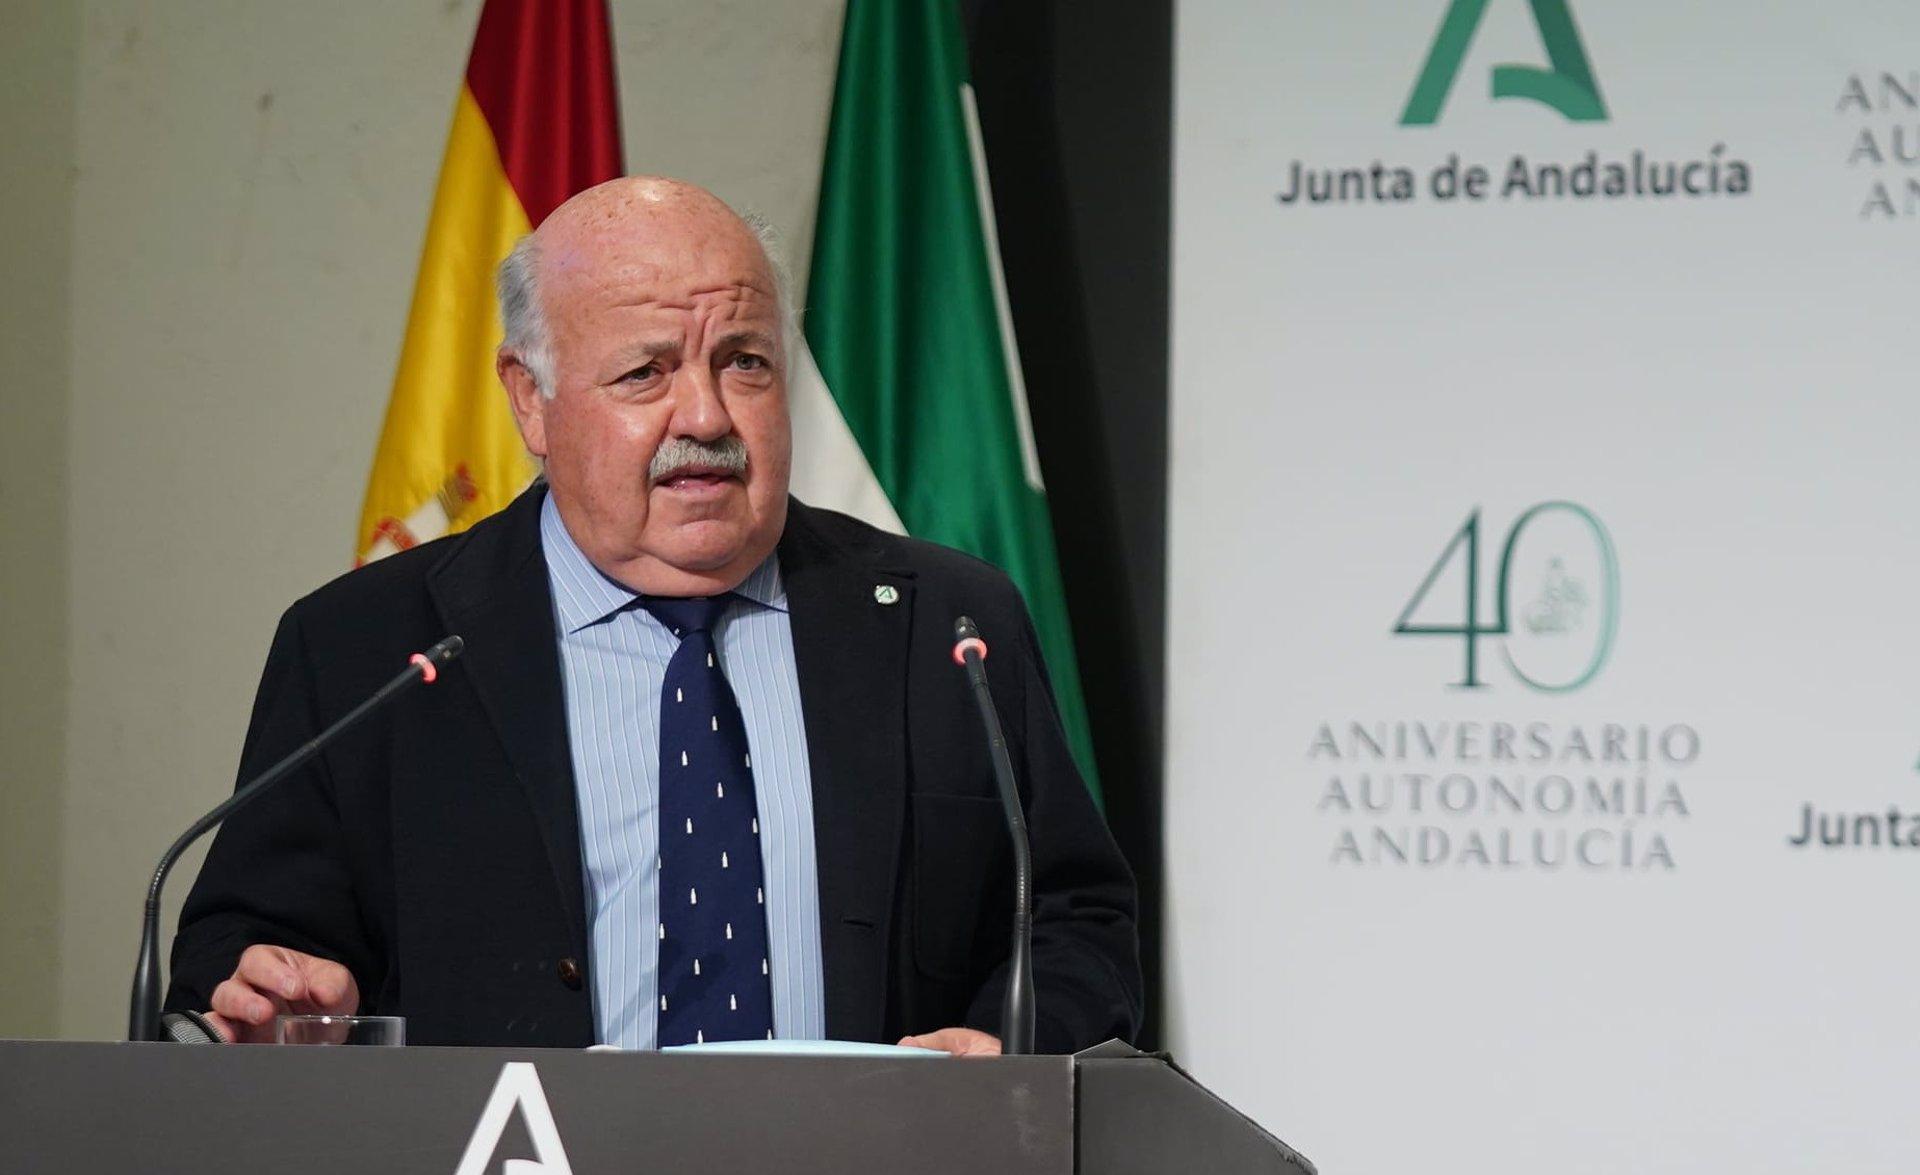 El consejero de Salud y Familias de la Junta de Andalucía, Jesús Aguirre, en la rueda de prensa posterior al Consejo de Gobierno.